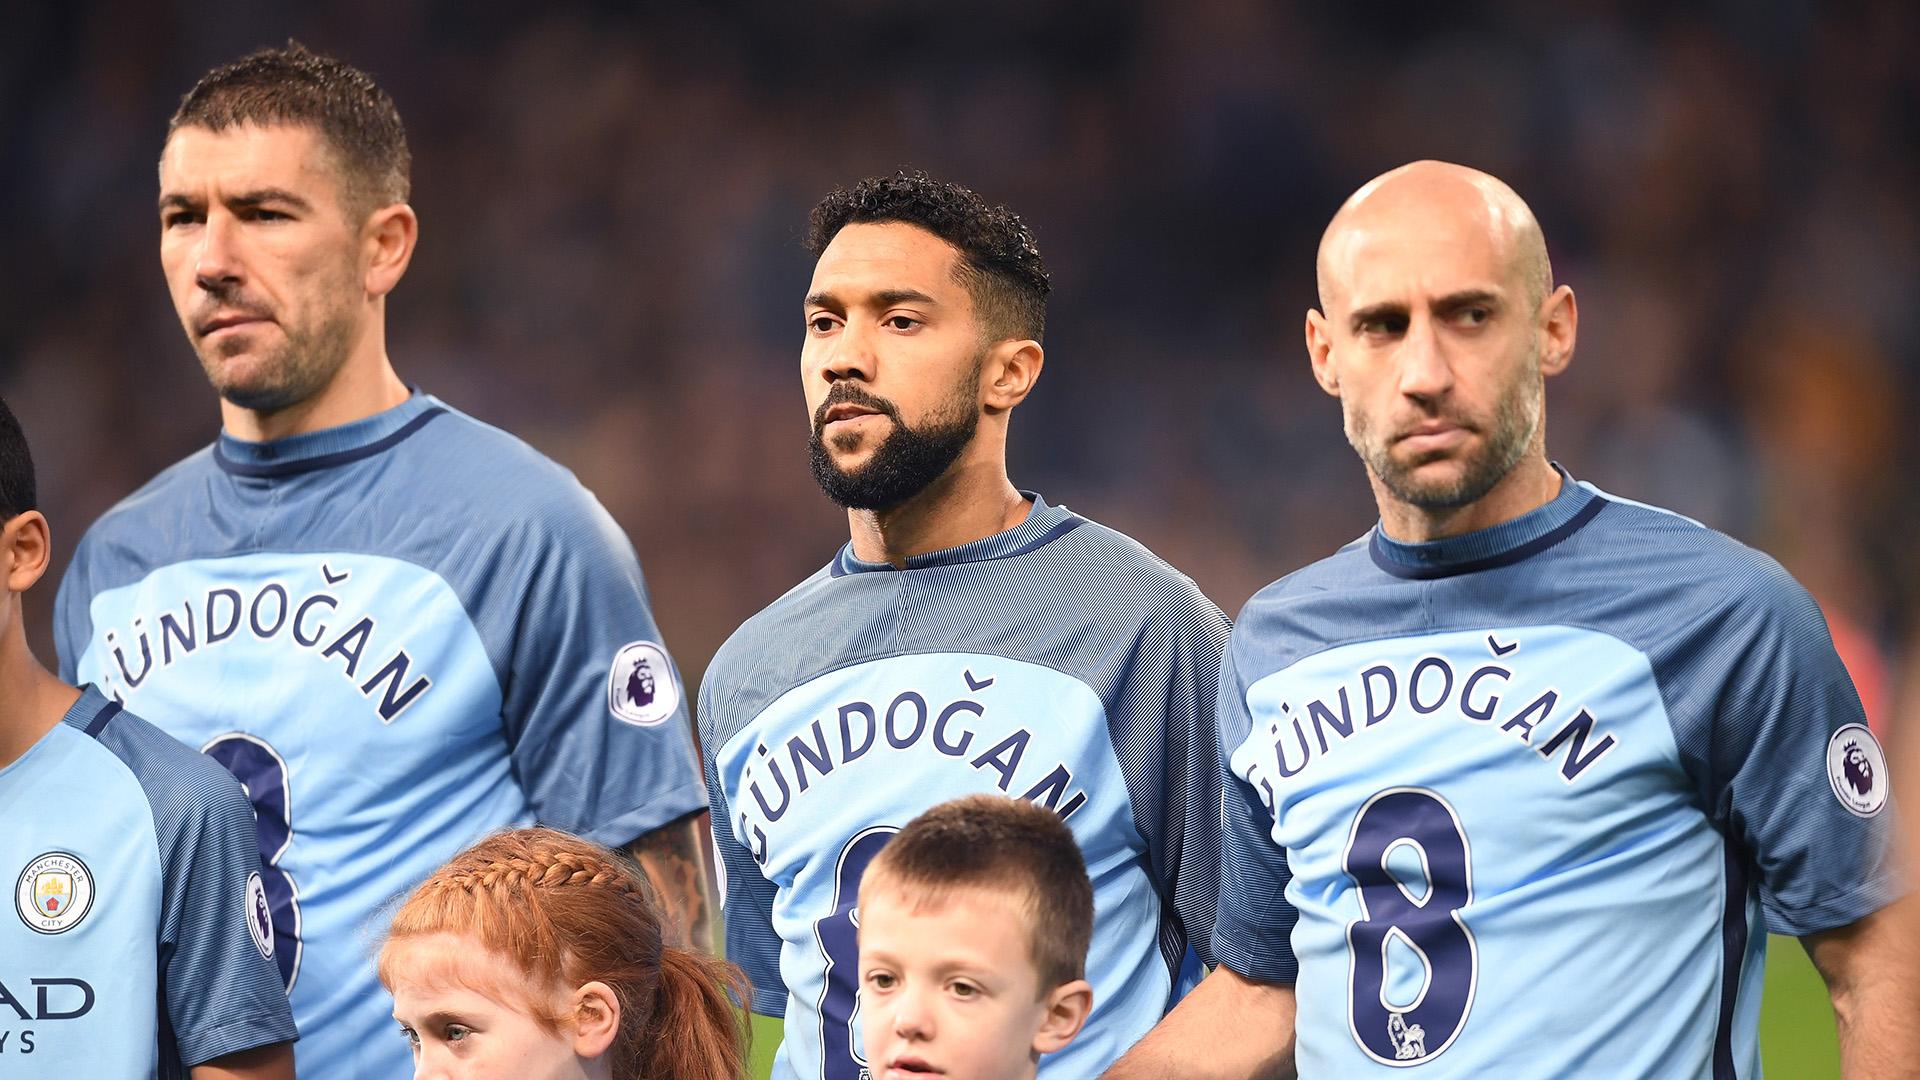 Kolarov Clichy Zabaleta Gundogan shirts Manchester City